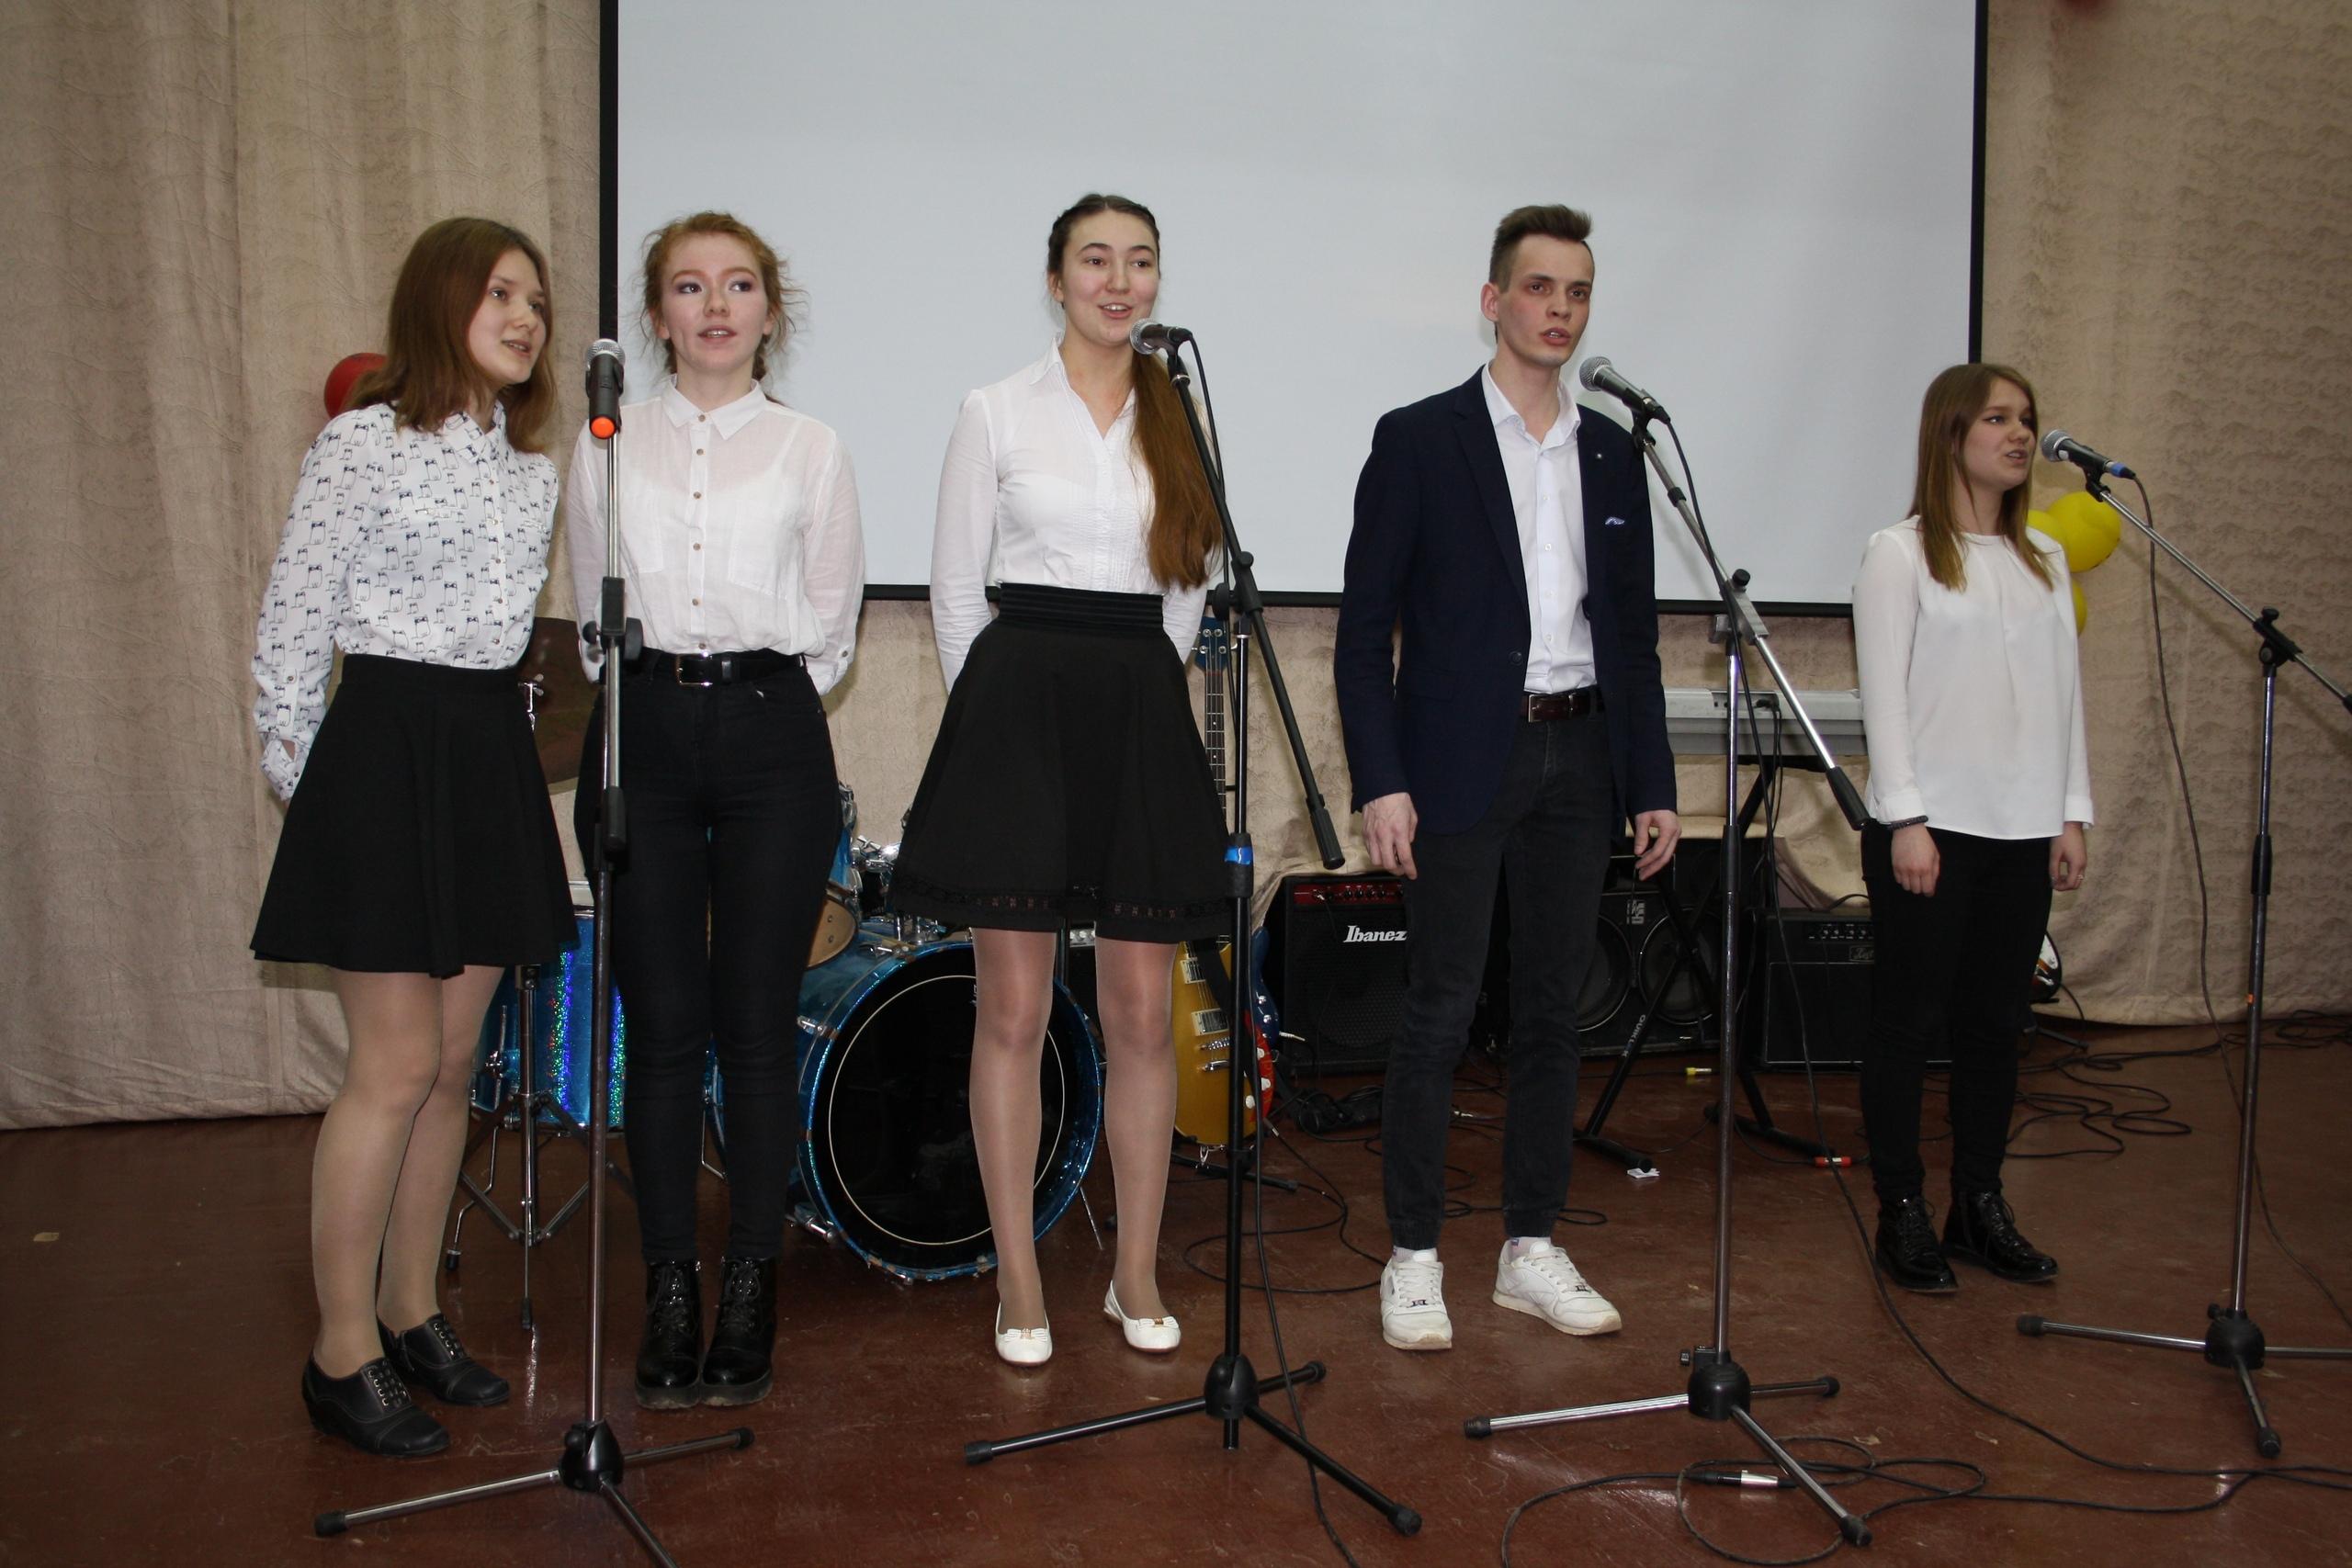 Республиканский фестиваль студенческой песни (%22Многоголосье-2019)